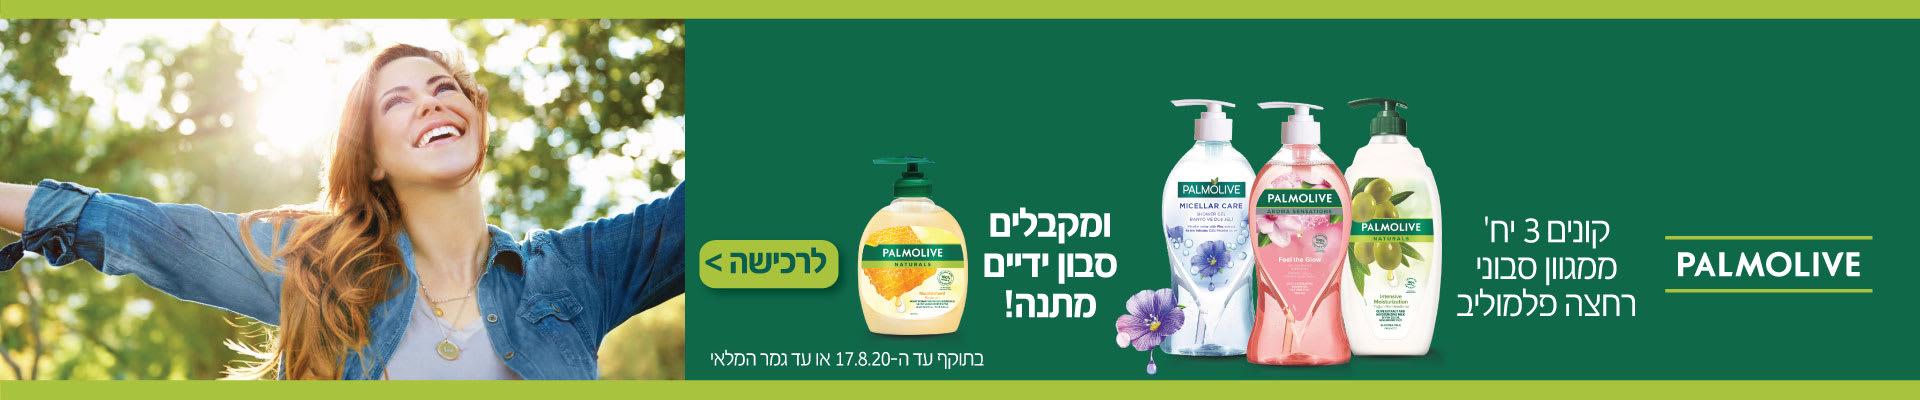 קונים 3 יחידות ממגוון סבוני רחצה פלמוליב ומקבלים סבון ידיים מתנה! בתוקף עד 17.8.20 או עד גמר המלאי